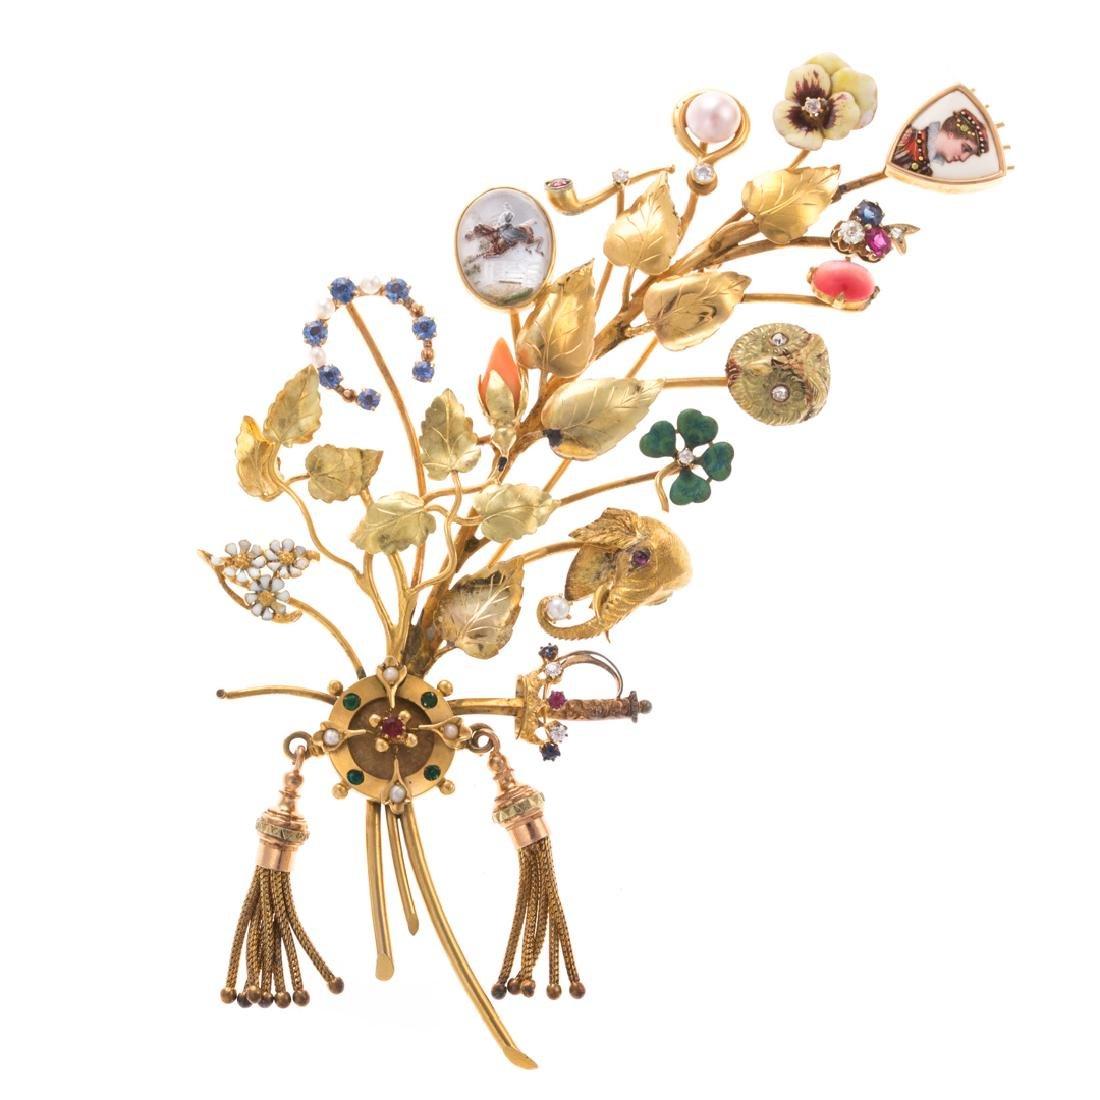 A Lady's Leaf Stick Pin Brooch by Oscar Caplan